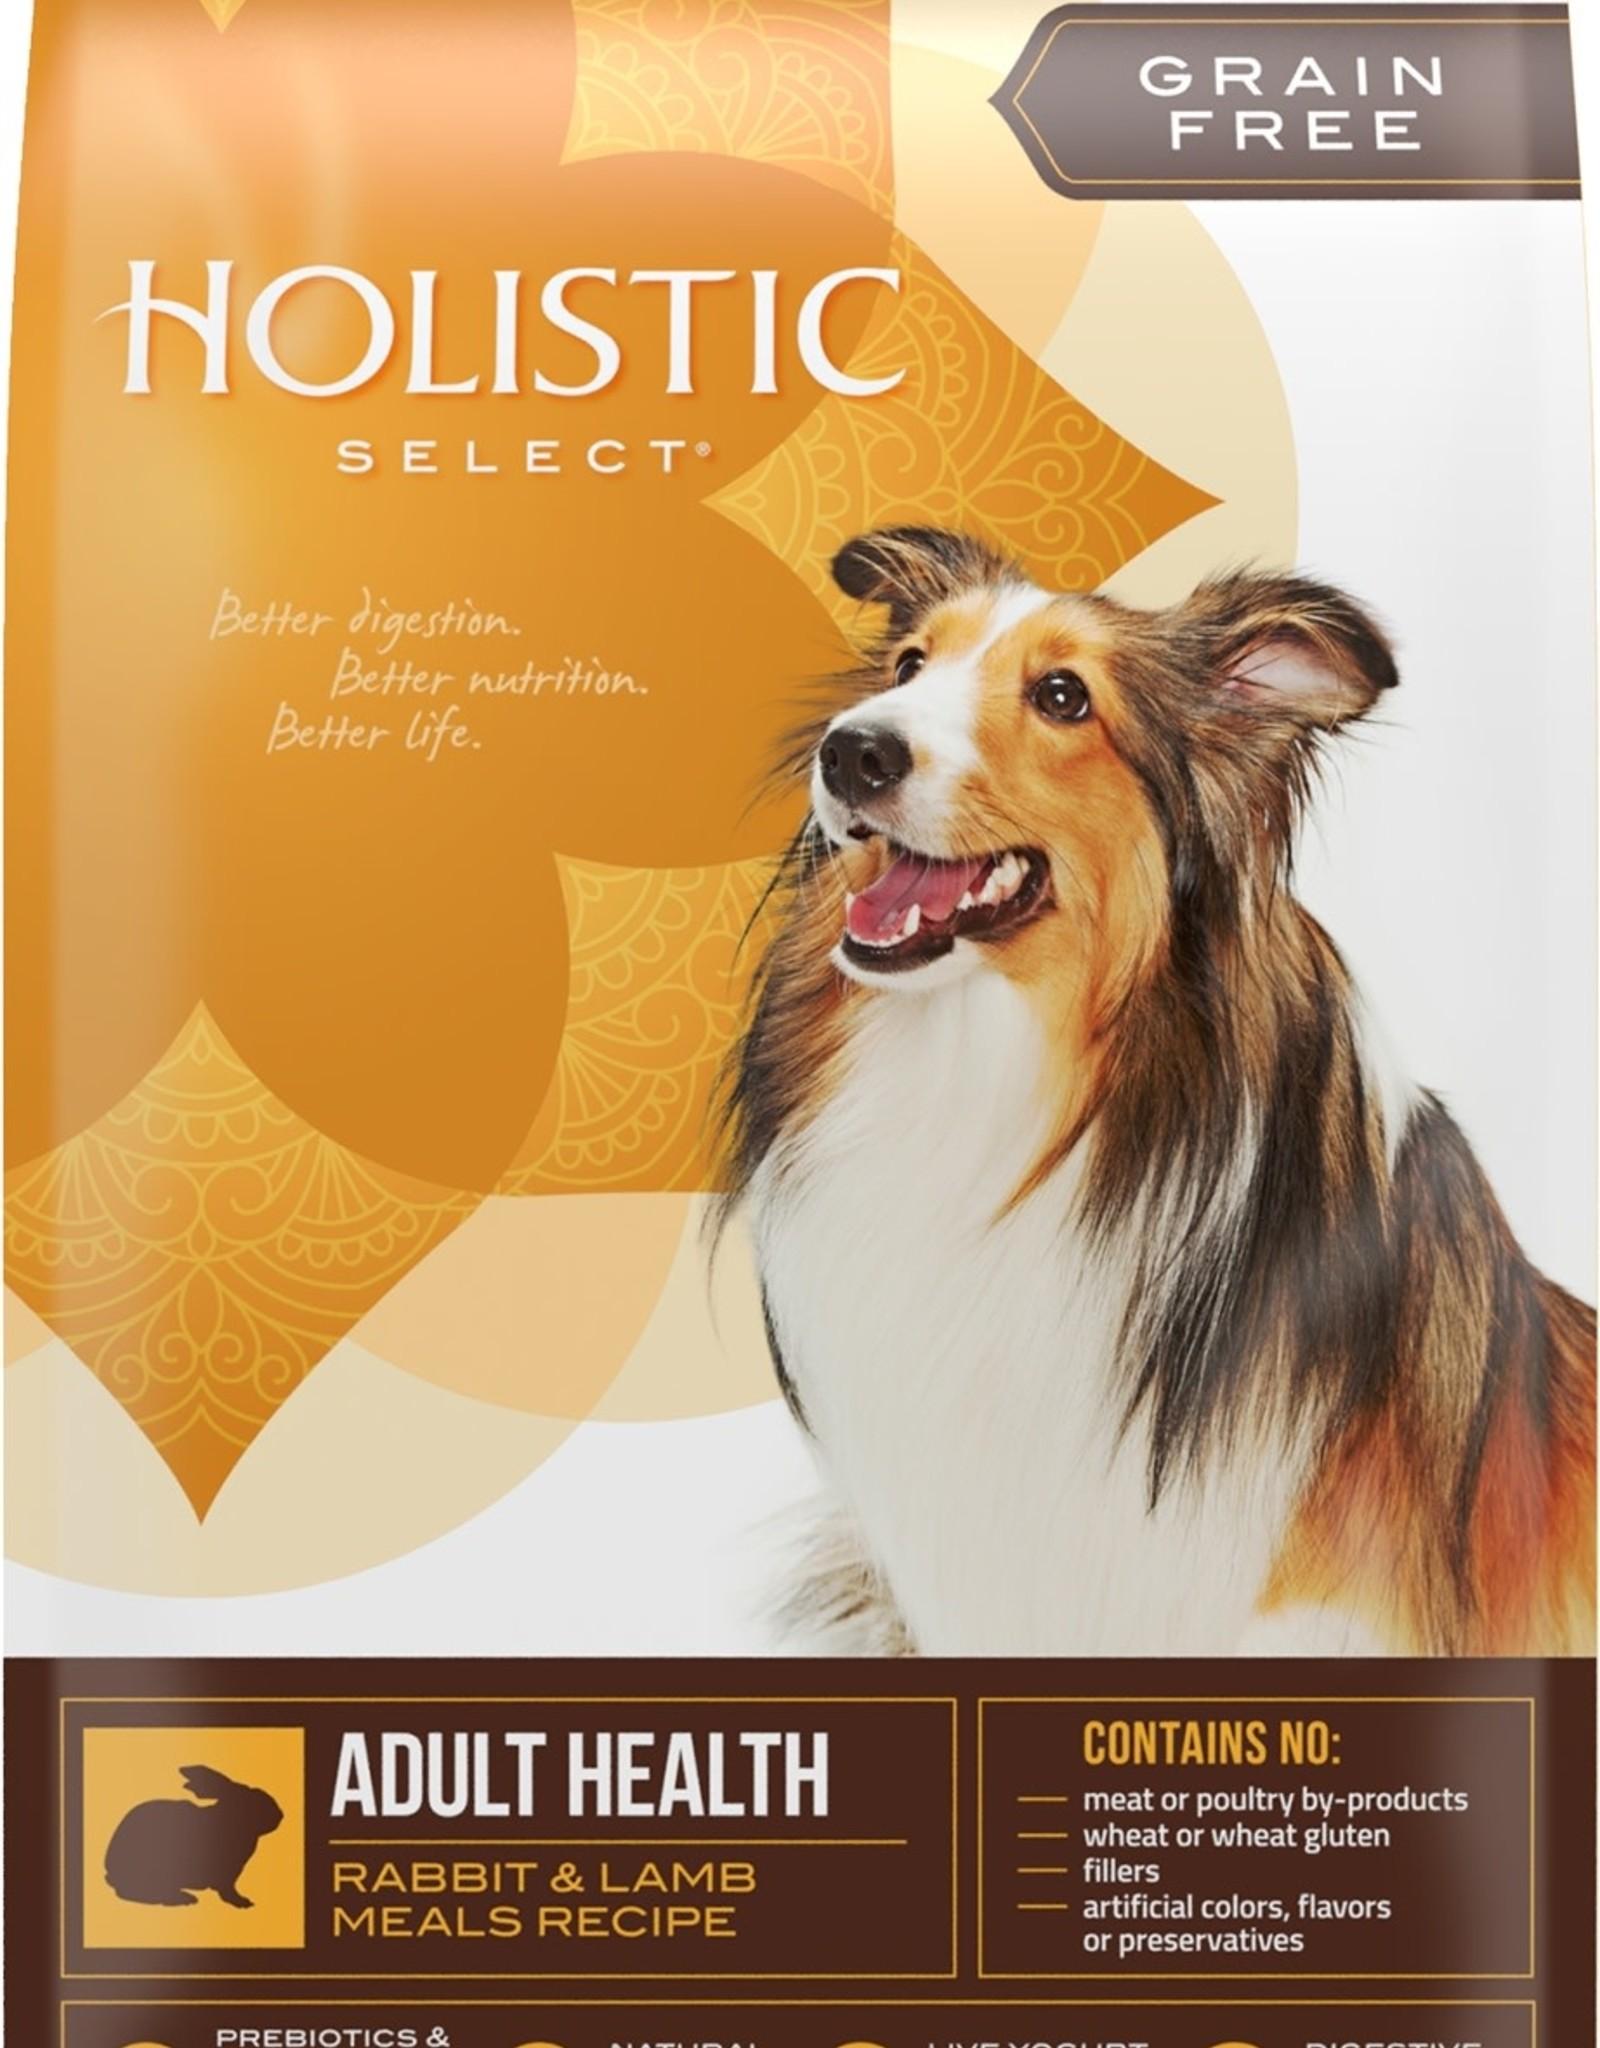 Holistic Select Dog Food 24lb Grain Free Rabbit & Lamb